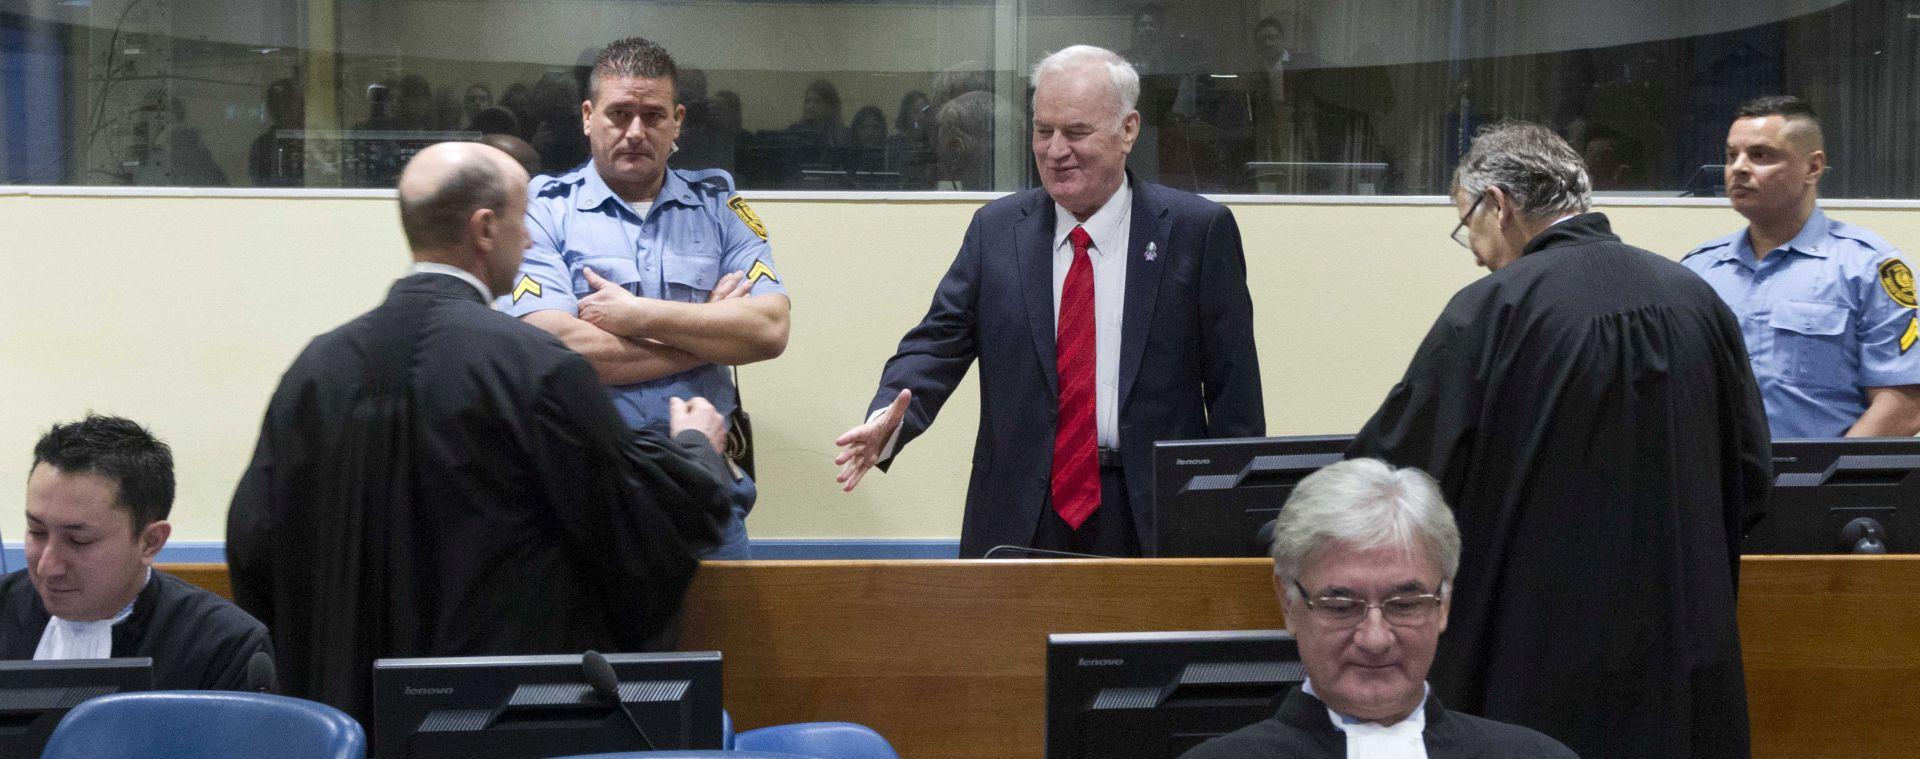 VIDEO: 'PODIVLJAO' TIJEKOM ČITANJA PRESUDE Sudac Orie izbacio Mladića iz sudnice